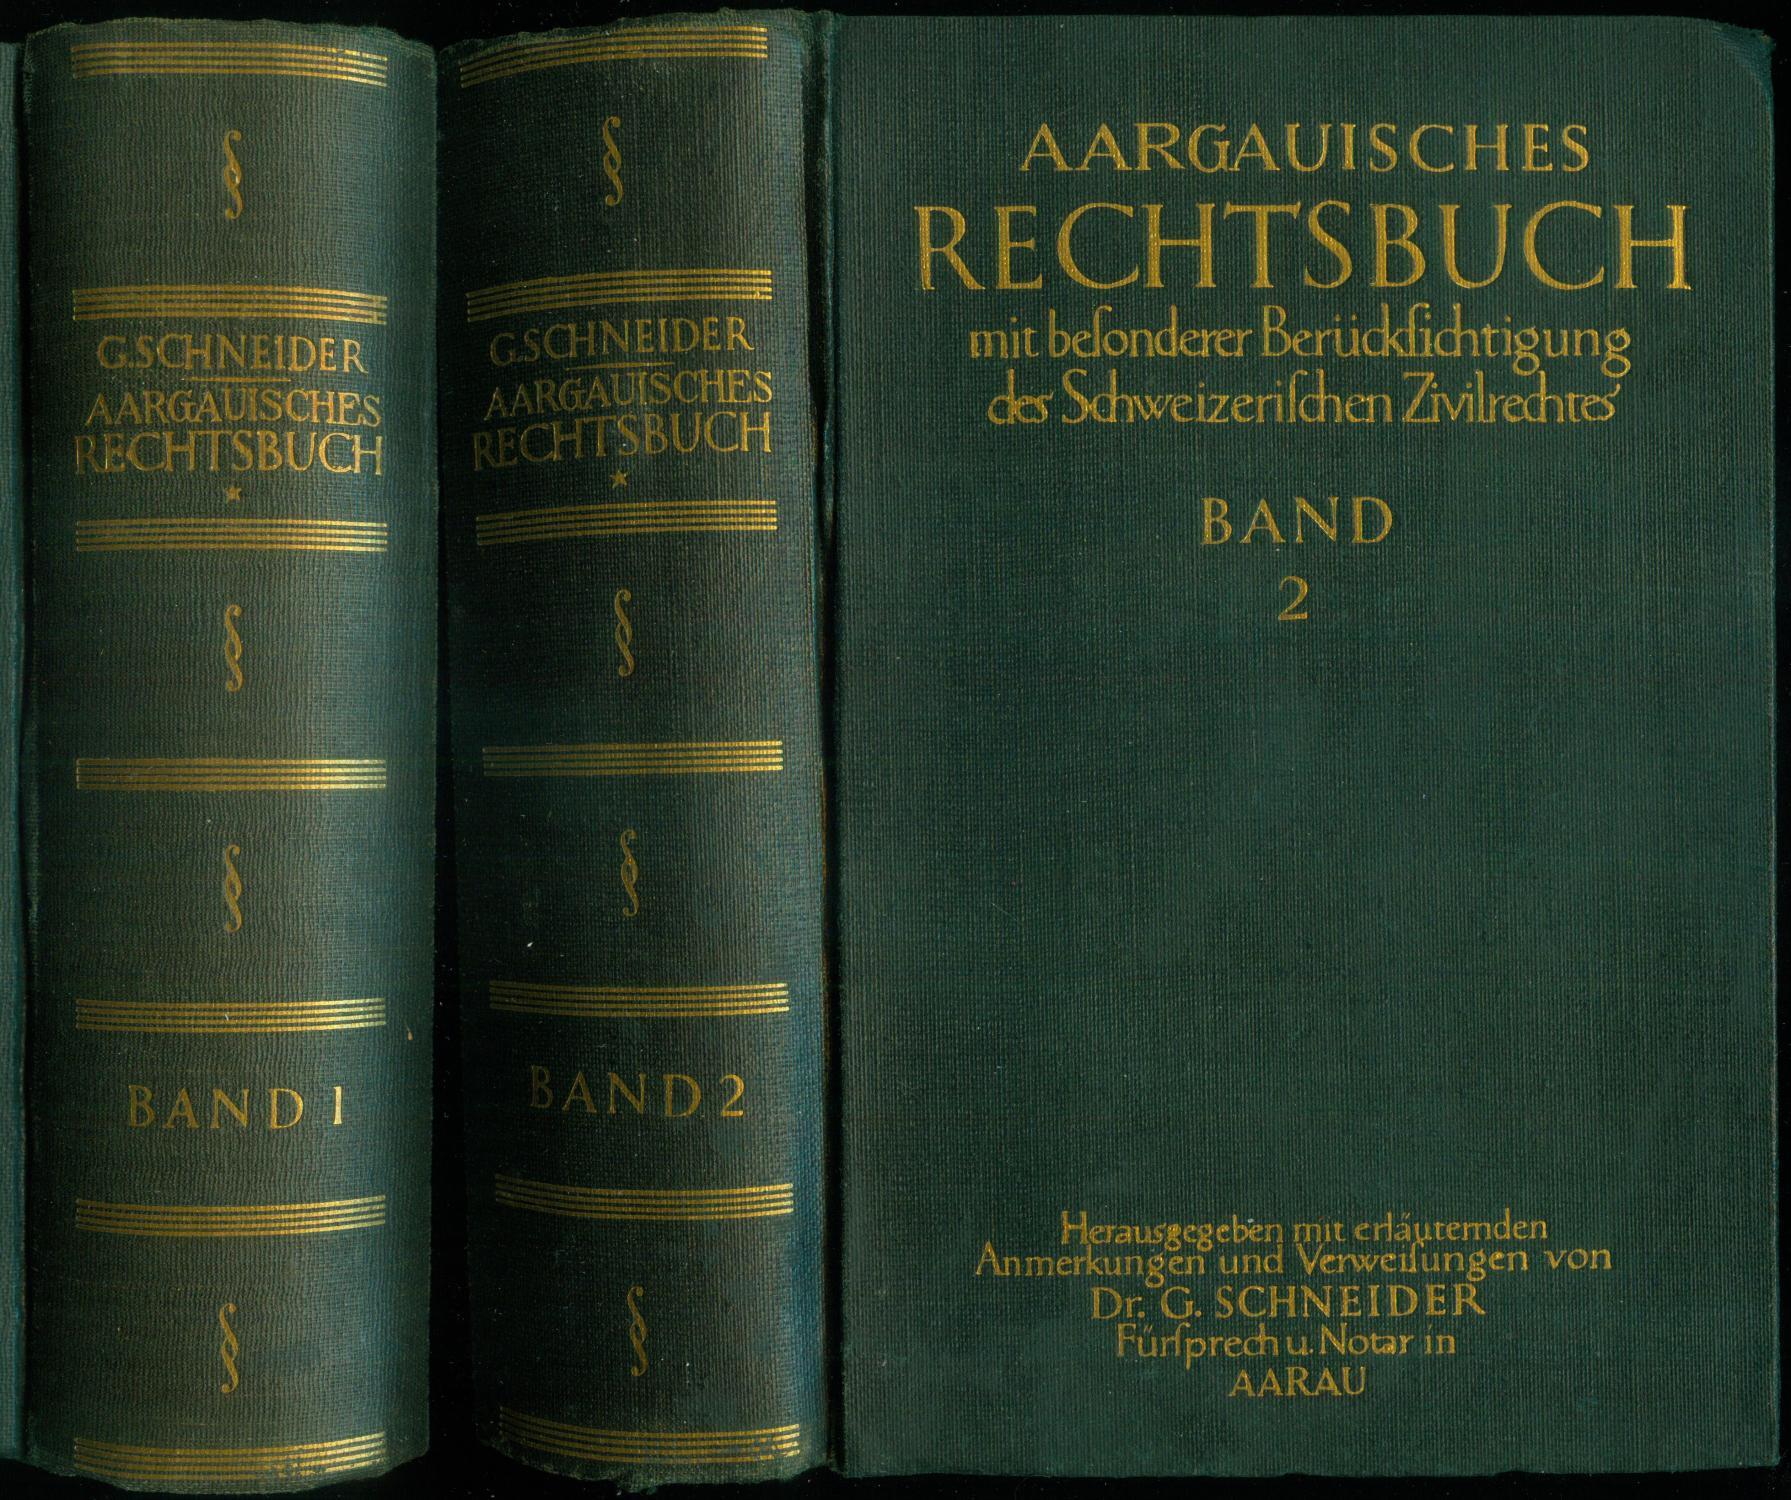 Aargauisches Rechtsbuch mit besonderer Berücksichtigung des Schweizerischen: AARGAUISCHES RECHTSBUCH -